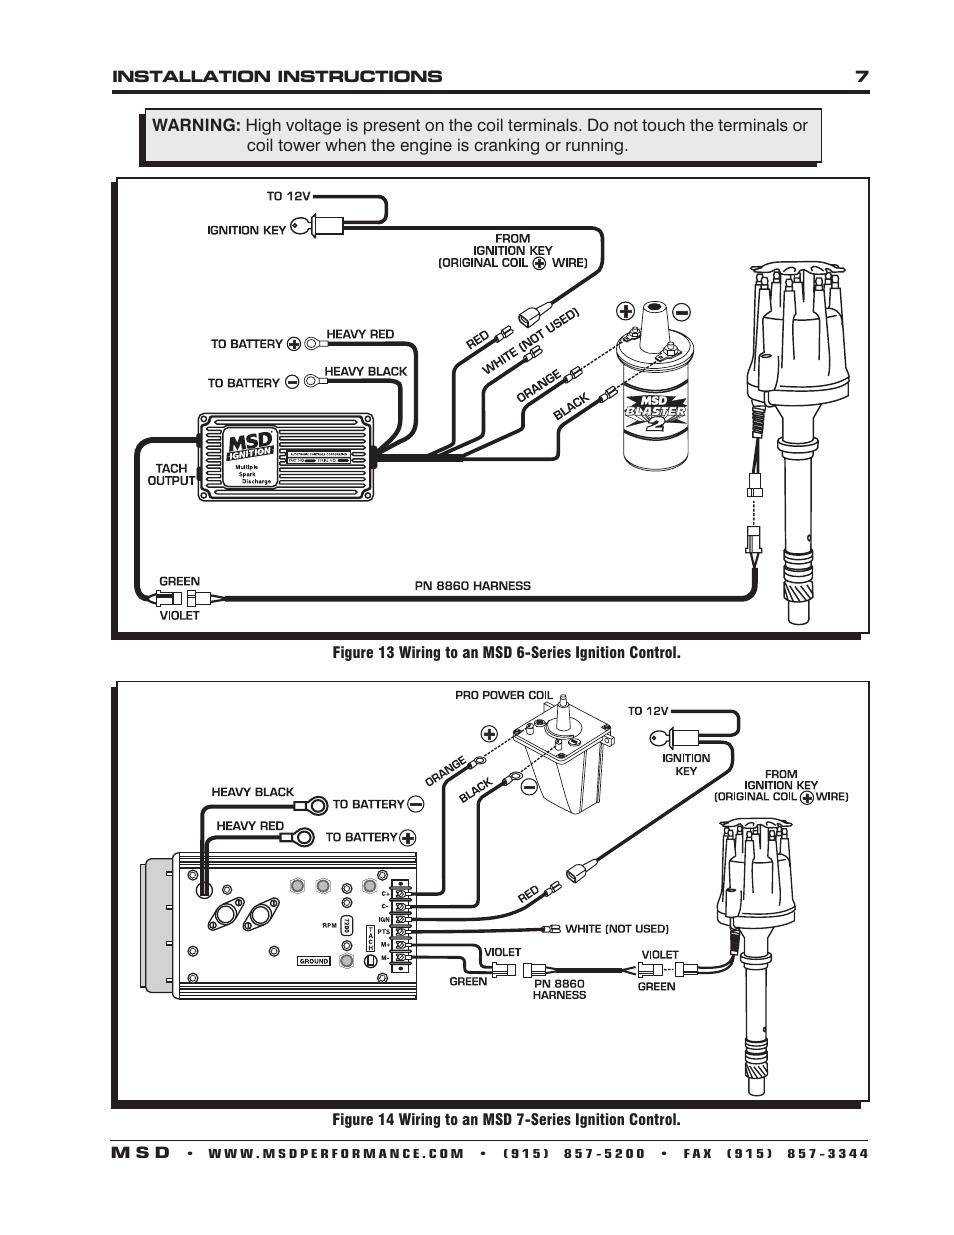 Msd 8361 Wiring Diagram Owner Manual And Books Chevy Ition 85551 Data Schema Rh 22 Diehoehle Derloewen De 6al Box Digital